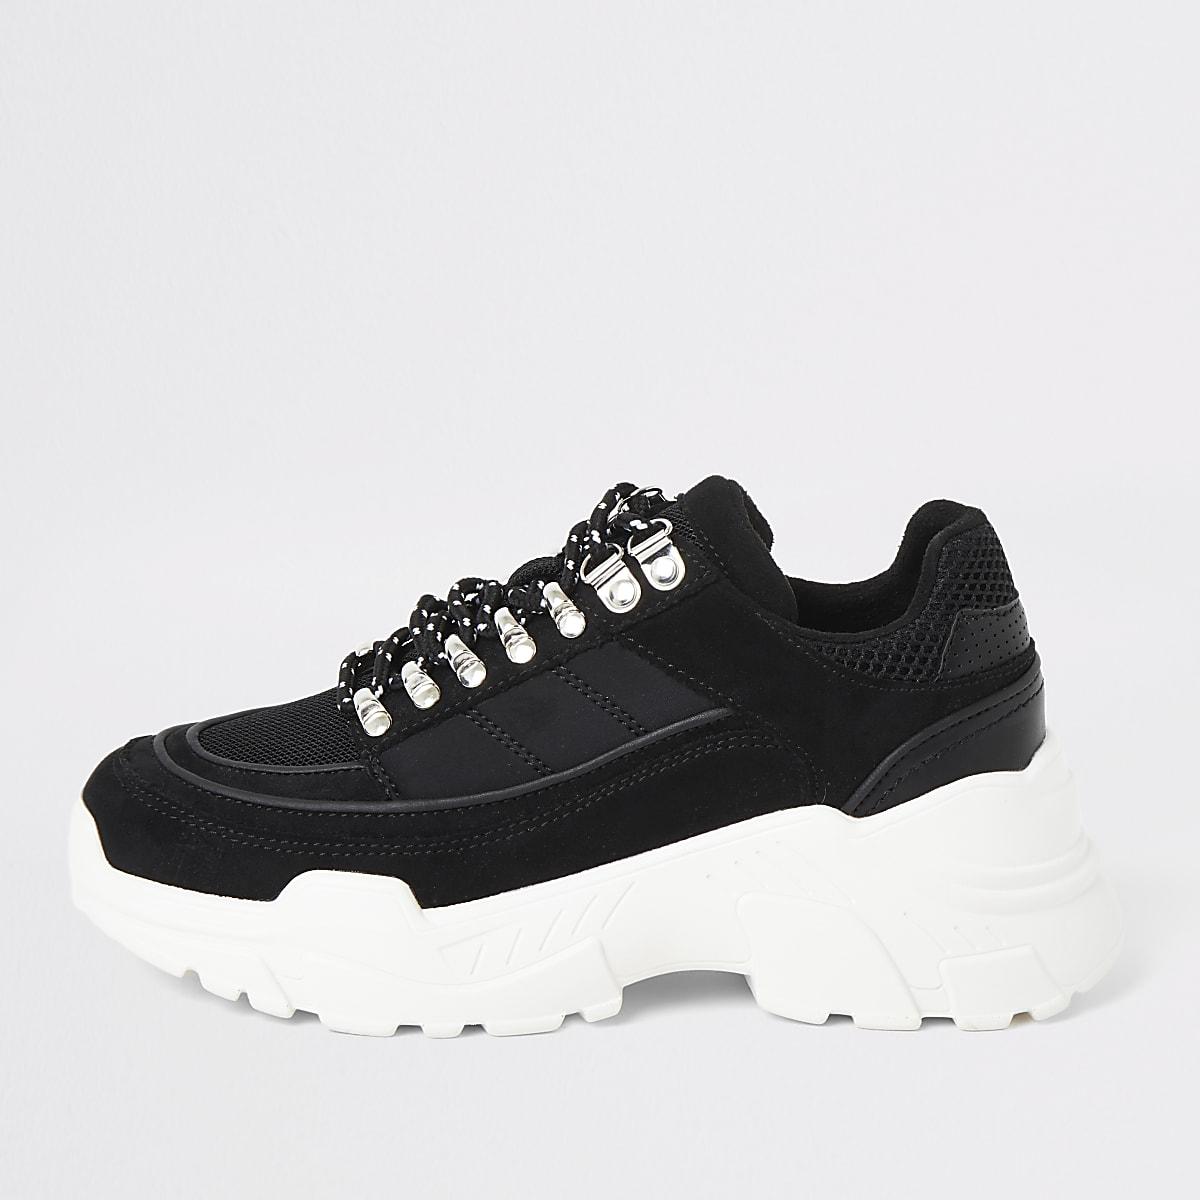 Zwarte stevige wandelsneakers